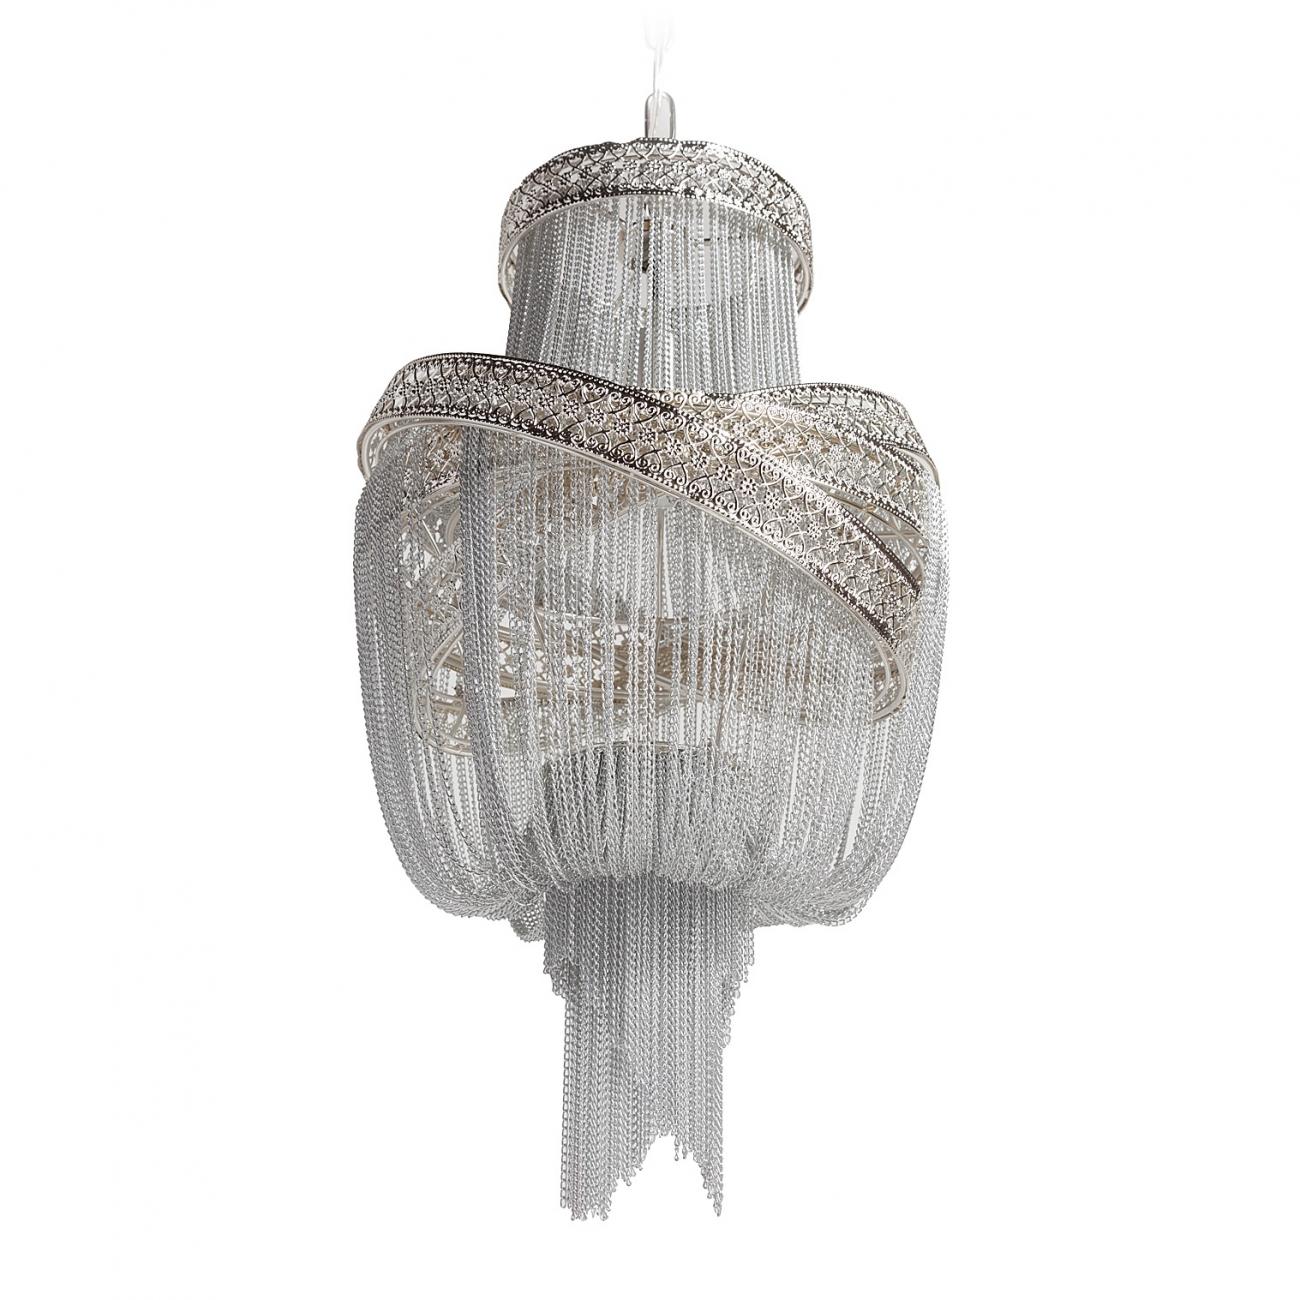 Купить Люстра Guadarta L'argento в интернет магазине дизайнерской мебели и аксессуаров для дома и дачи